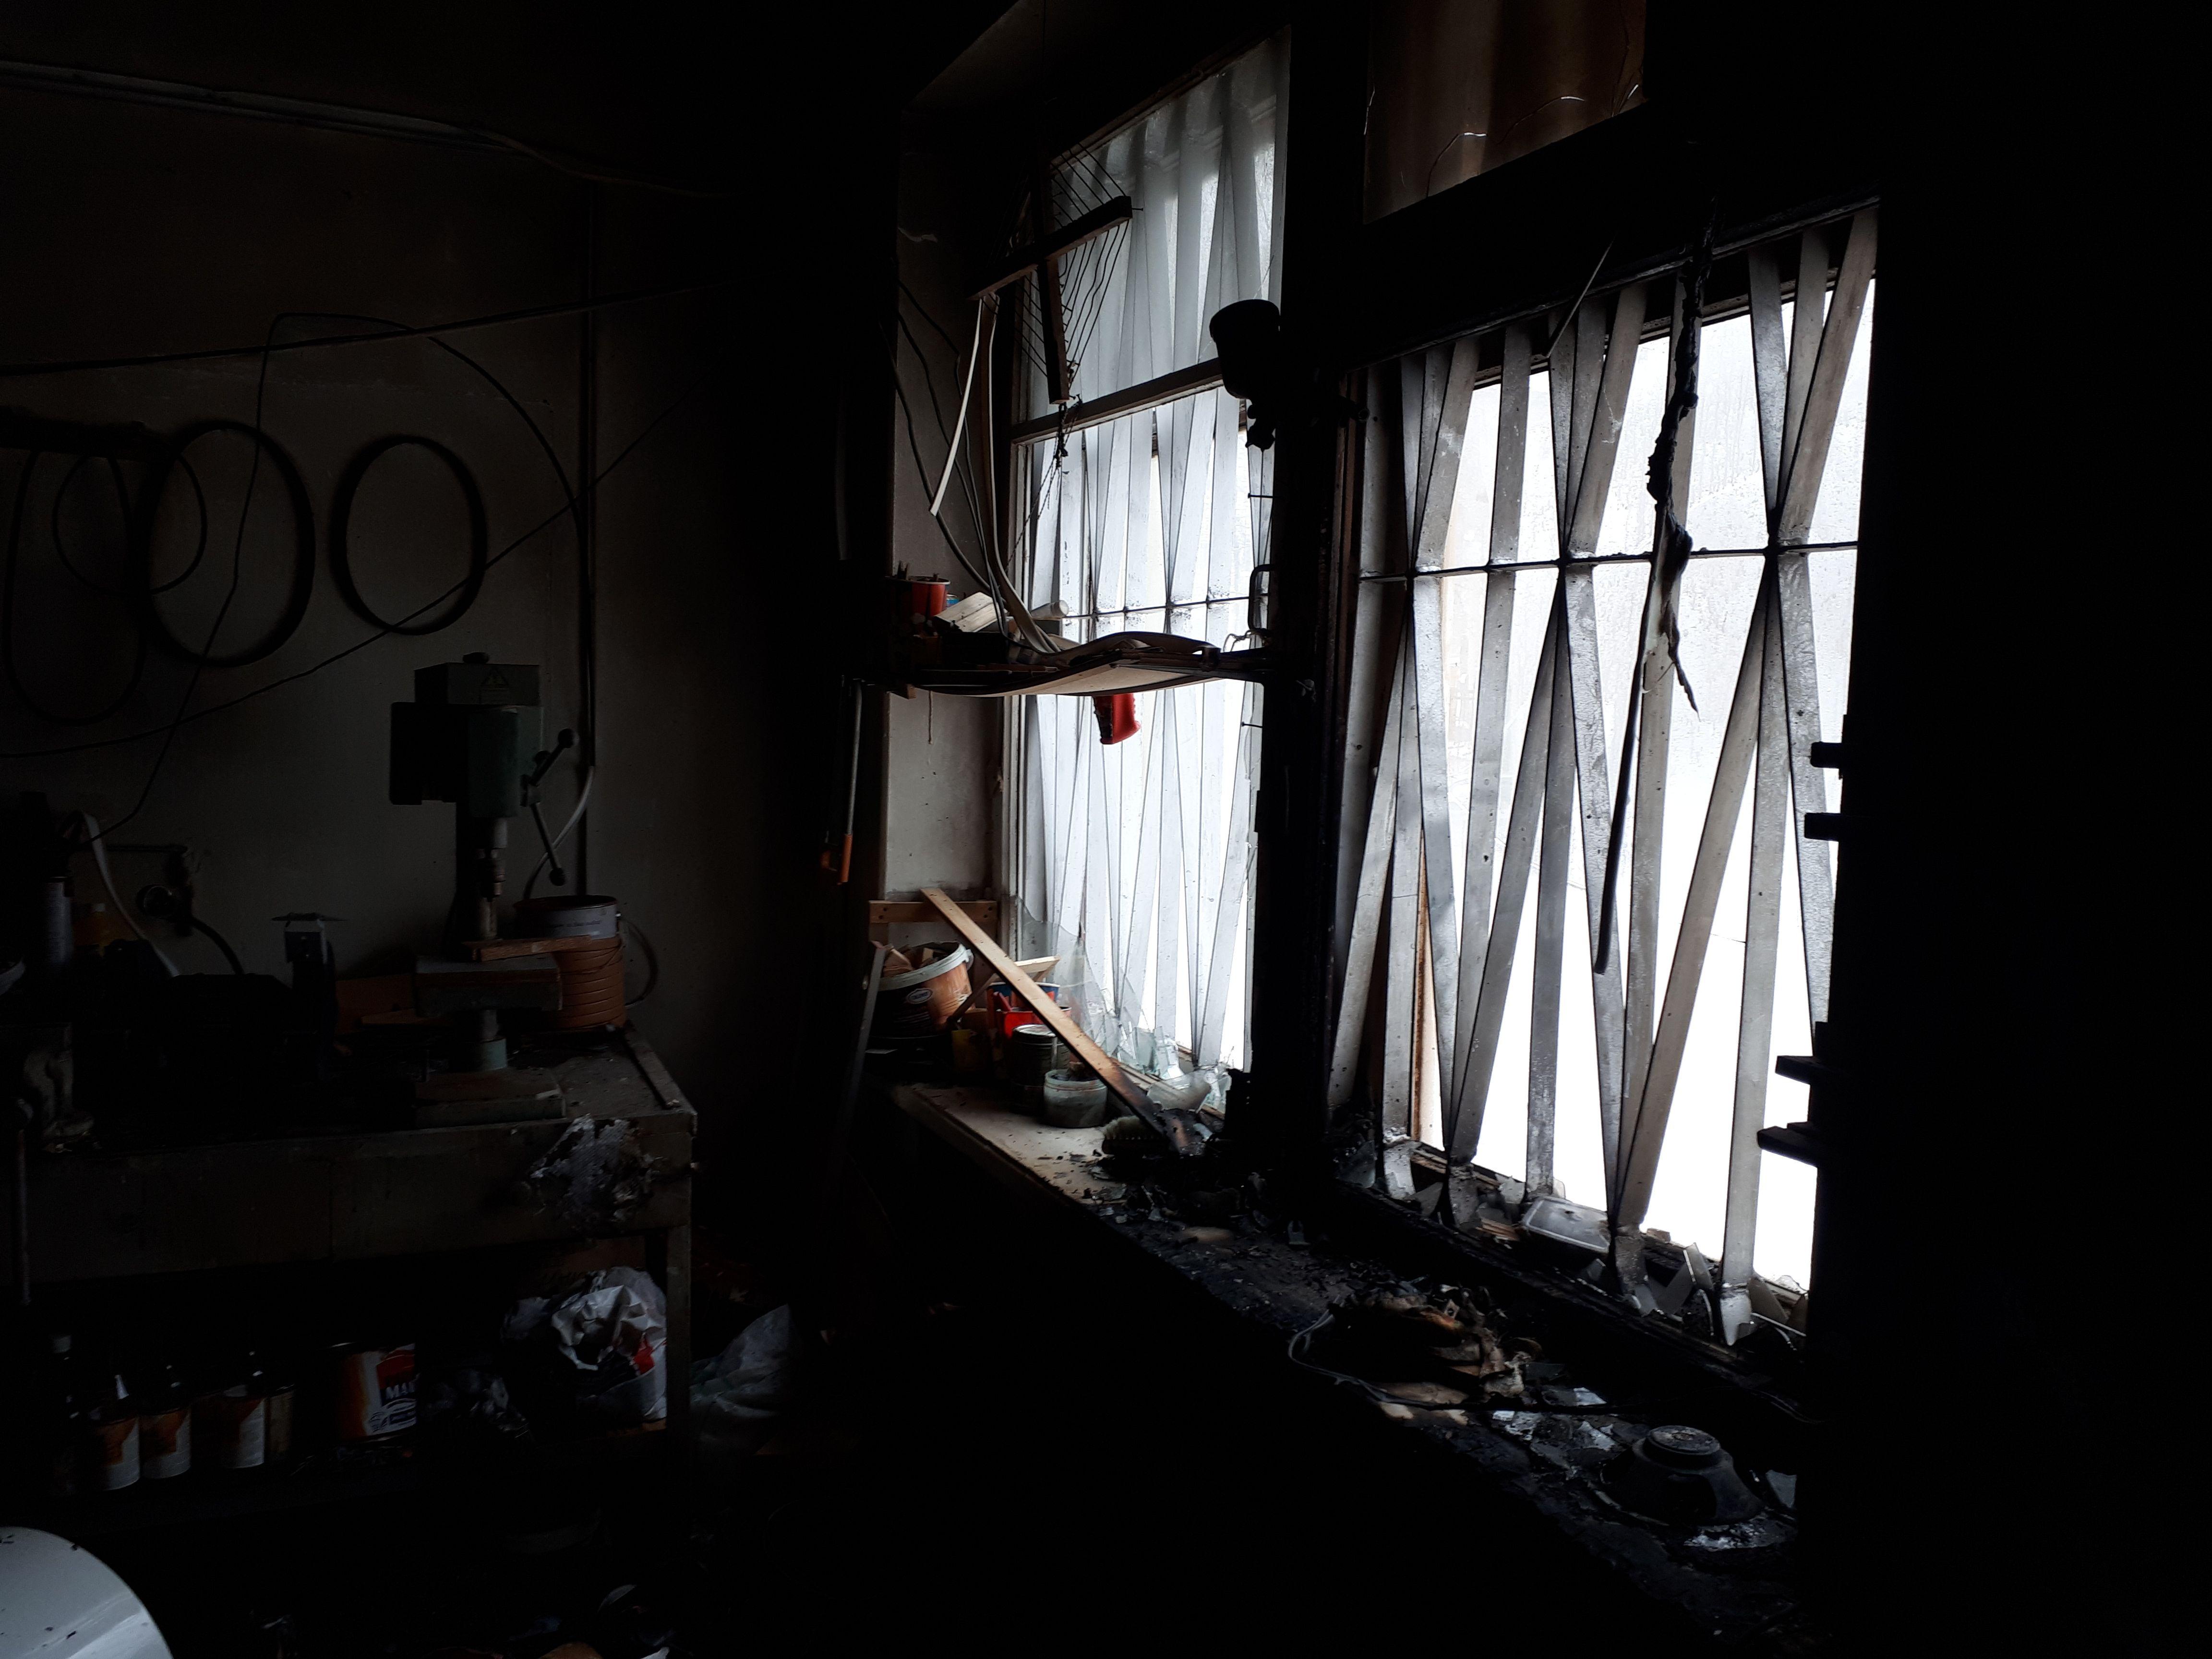 Прокуратура проводит проверку в сухоложской школе искусств, где недавно был пожар